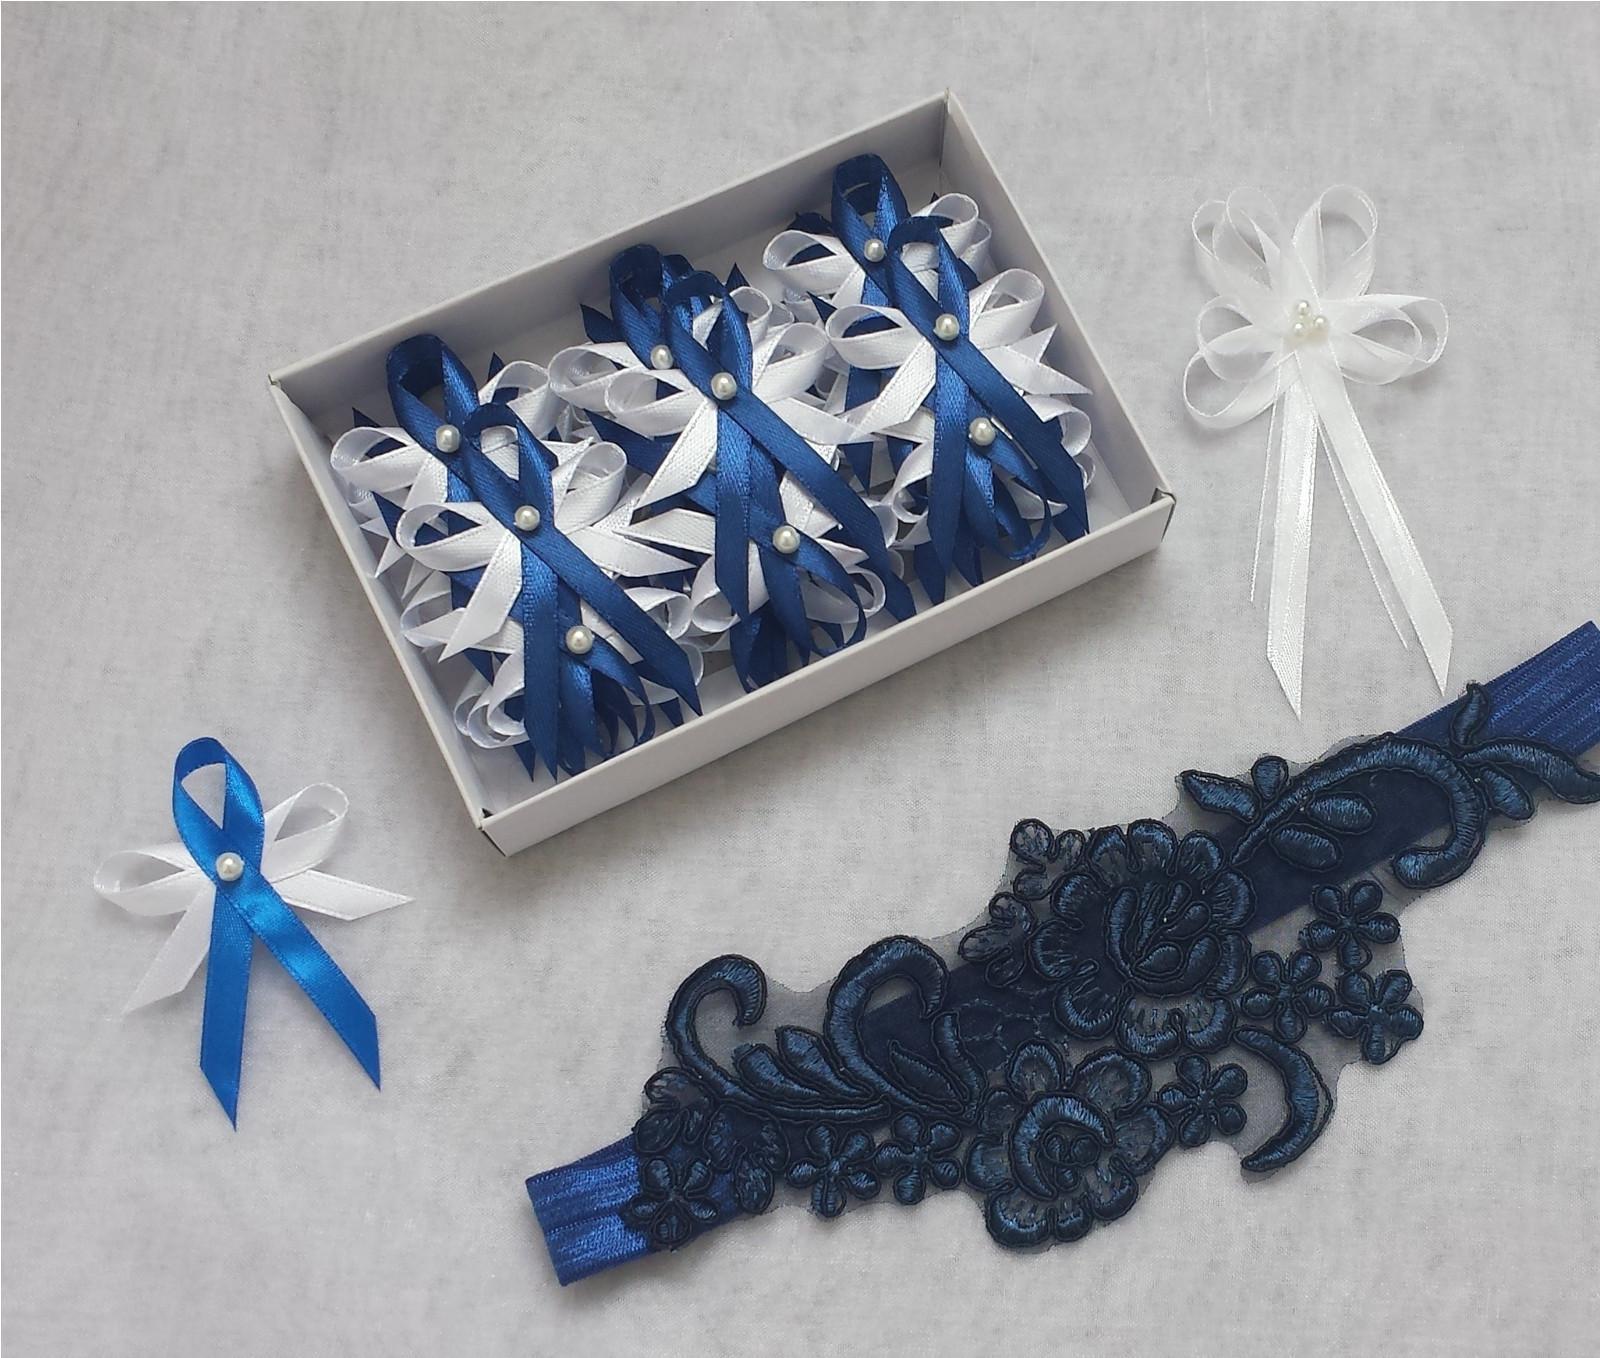 Namornicky modre vývazky - Obrázek č. 1